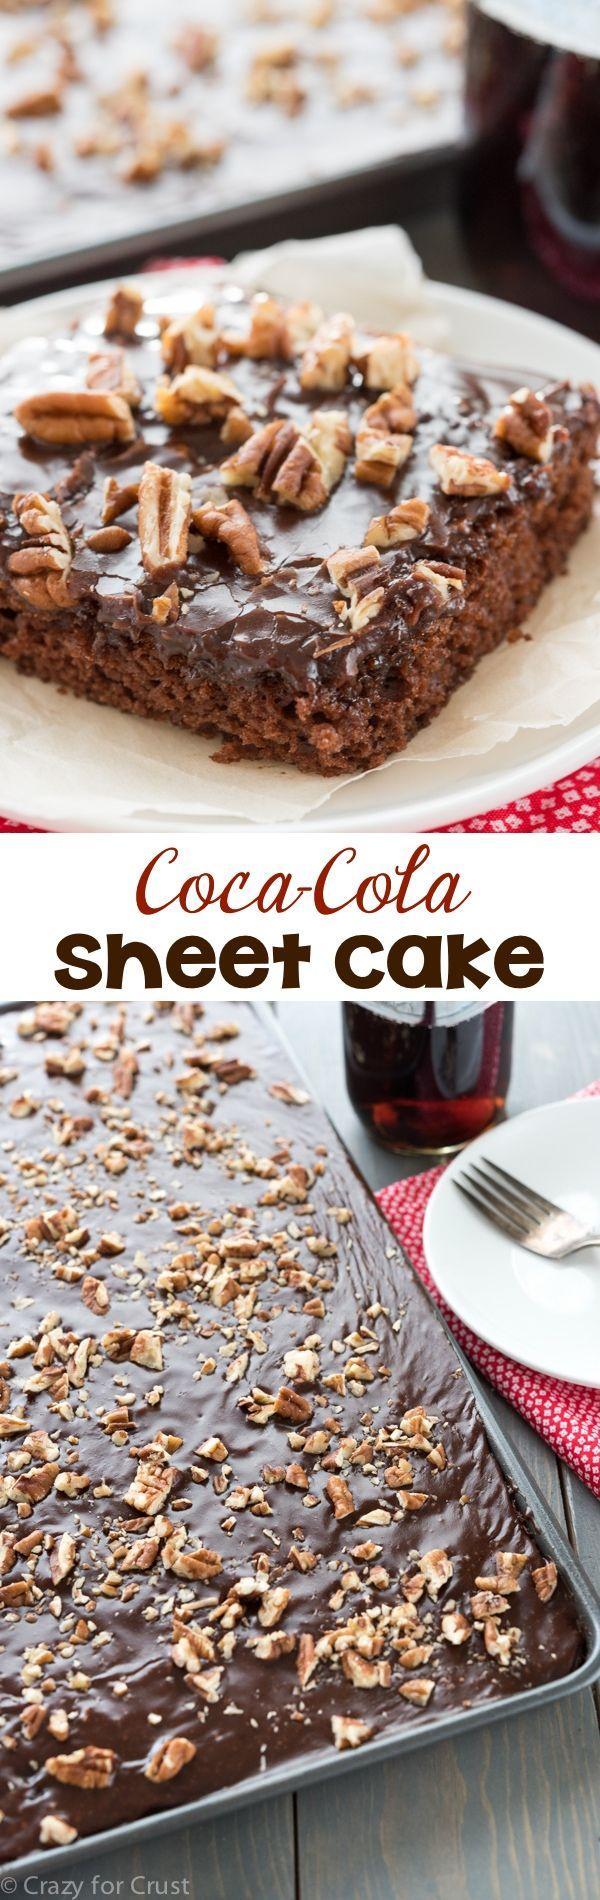 Esta torta de la hoja de Coca Cola es perfecto para una cena!  Es y fácil receta que es rápido y sin huevo con la mejor helar nunca!